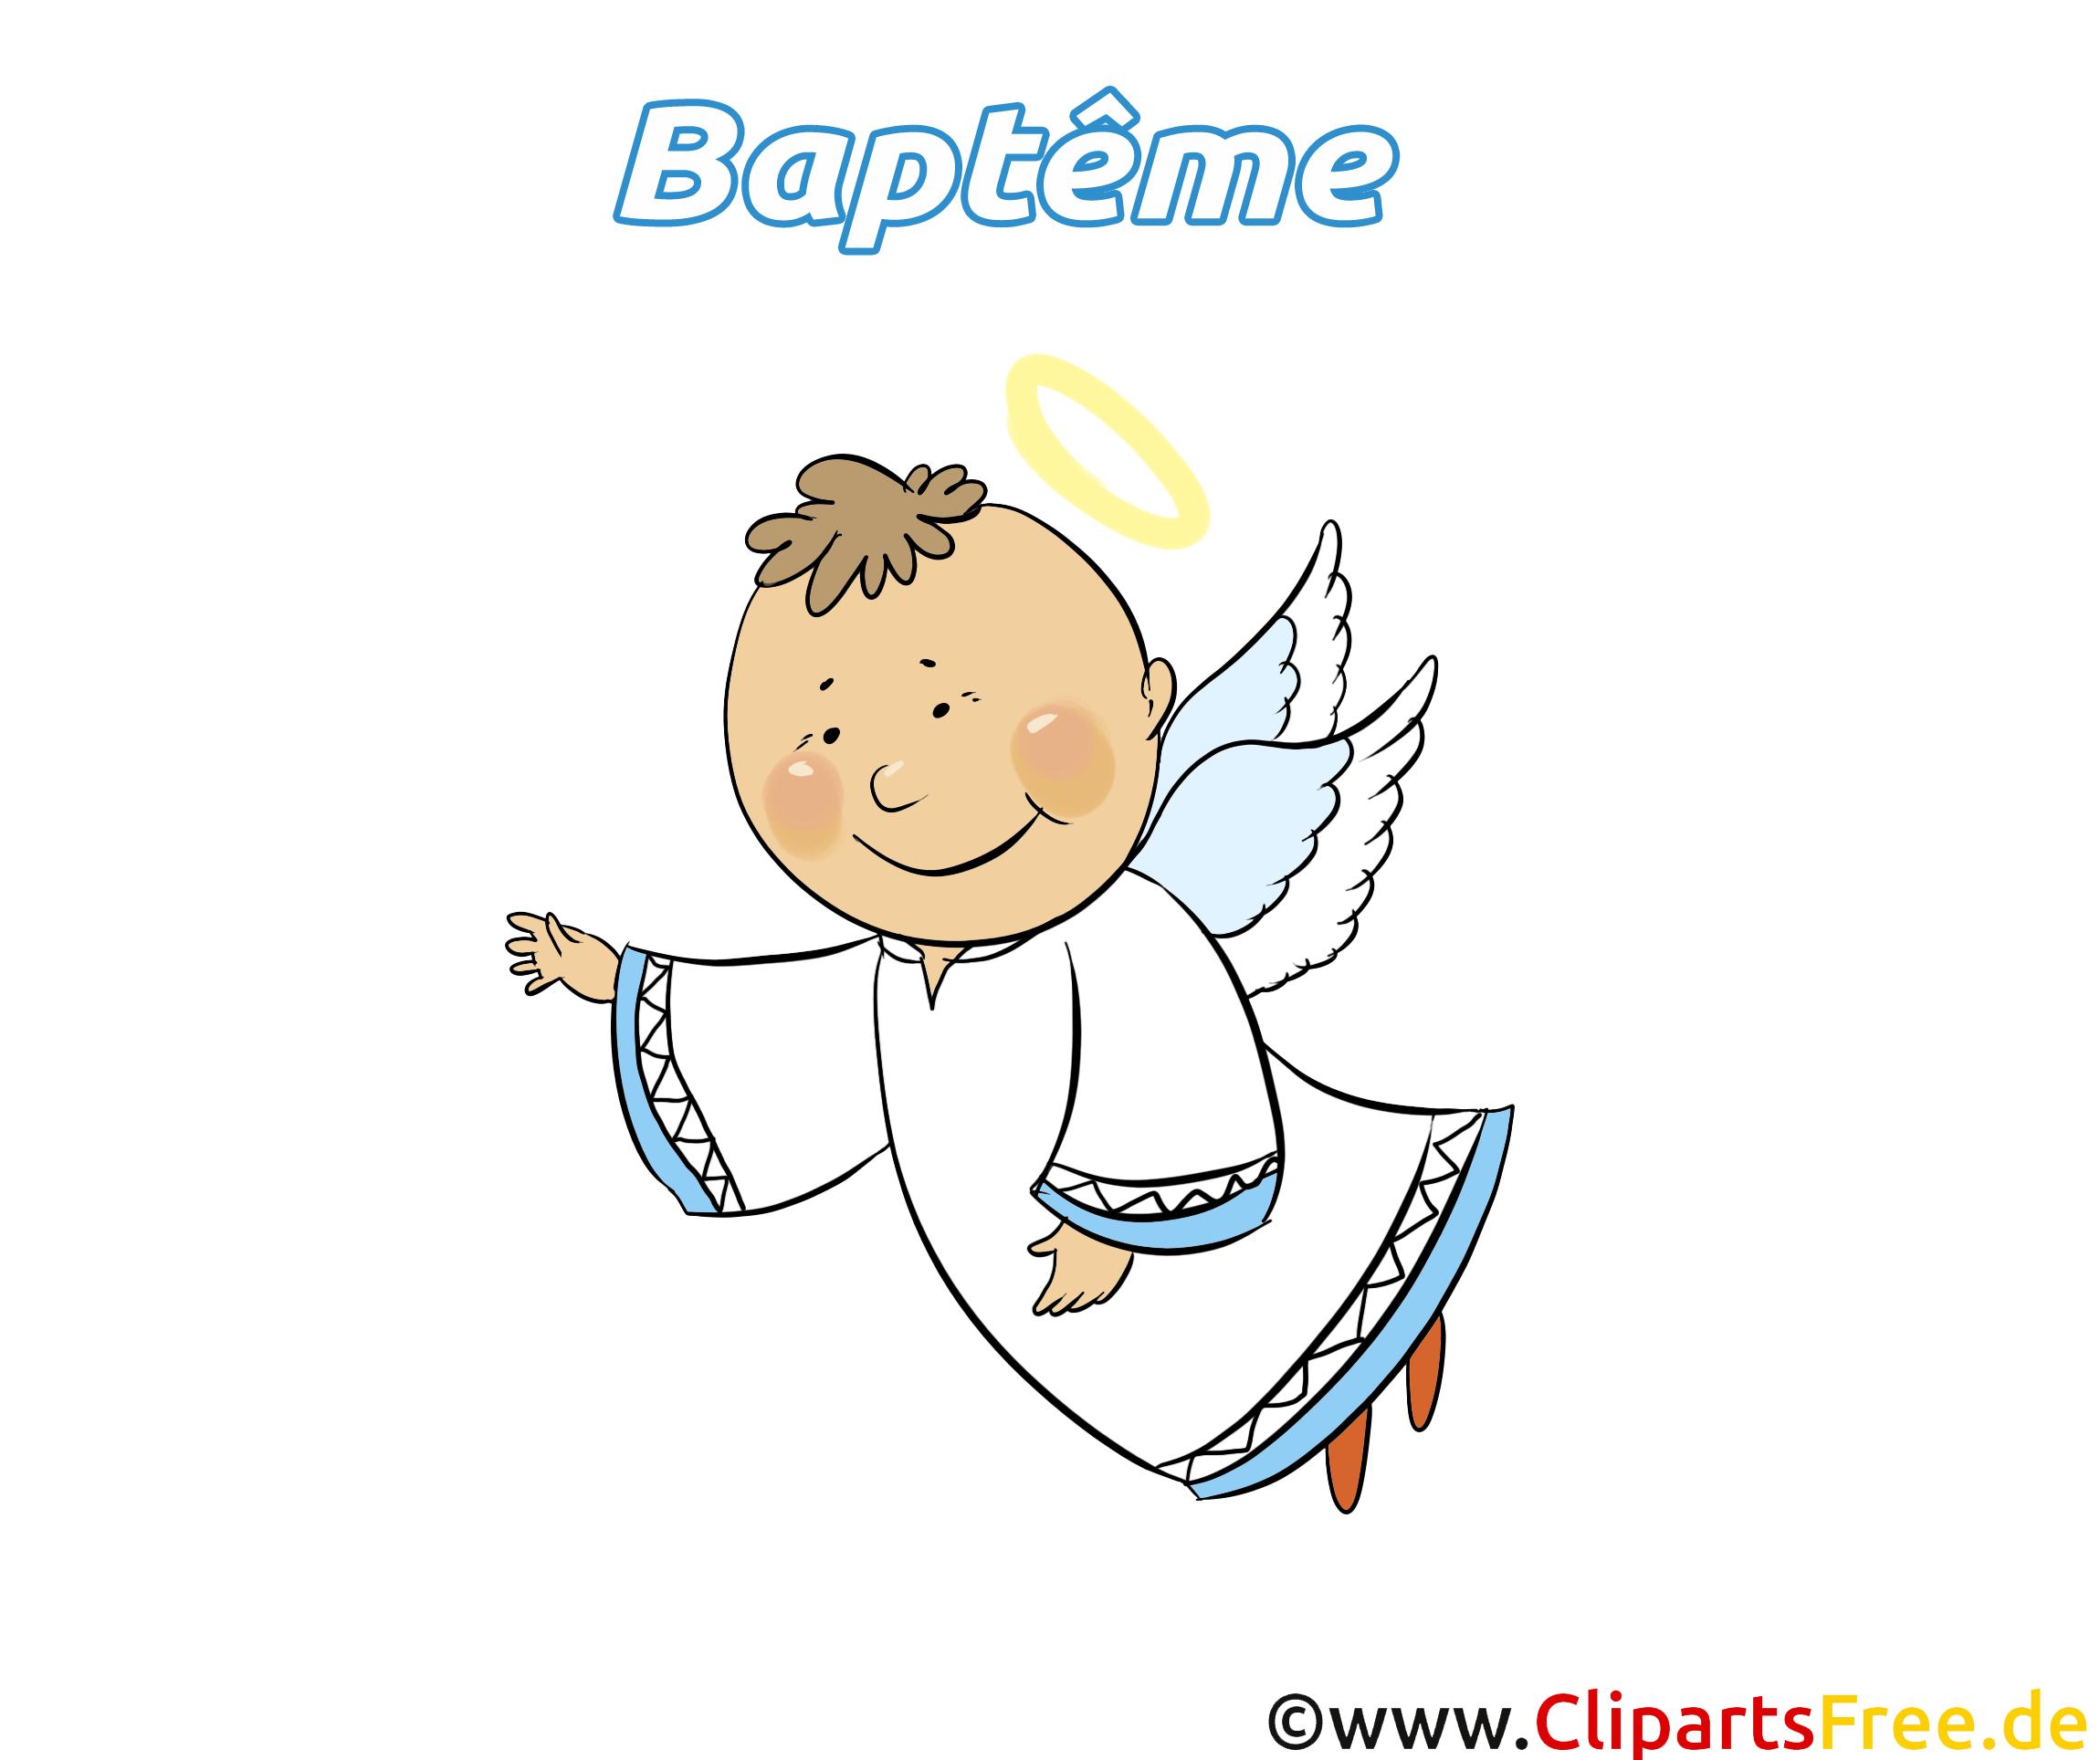 Extrem Ange images - Baptême clip art gratuit - Baptême dessin, picture  AE16